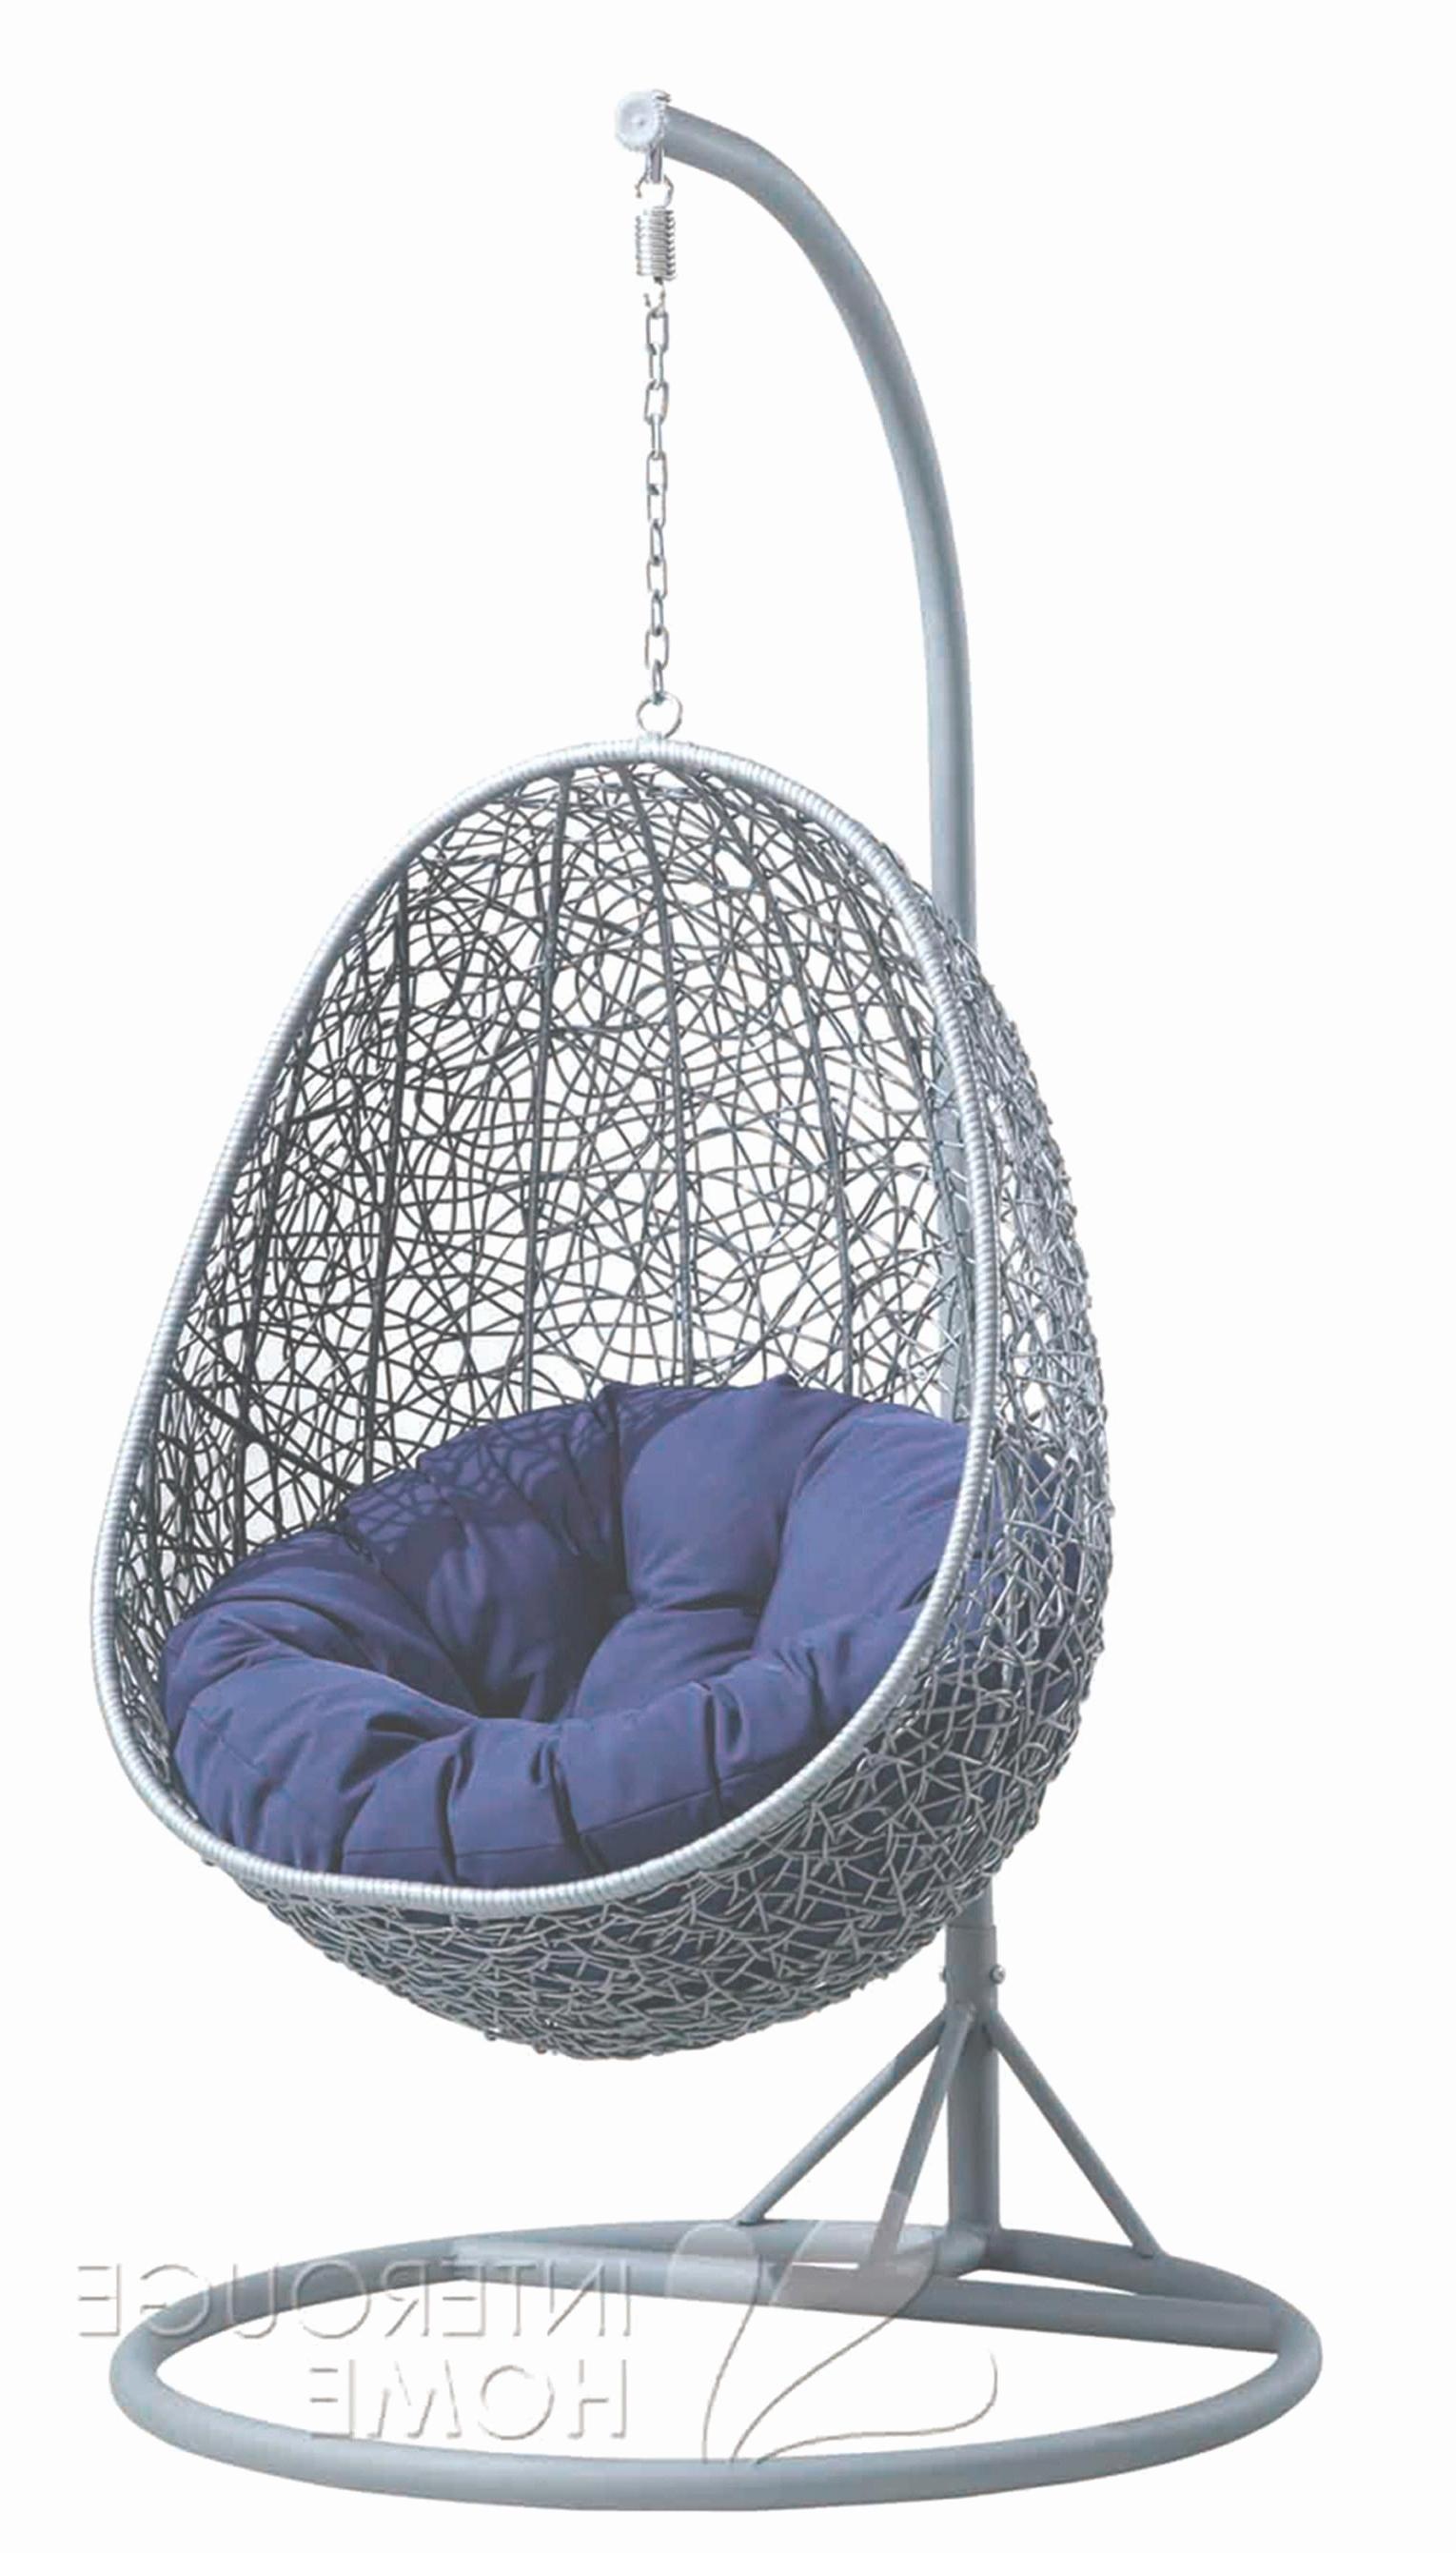 Chaise Longue Jardin Gifi Inspirant Images Chaises Longues Gifi Génial tonnelle De Jardin Gifi De Confortable